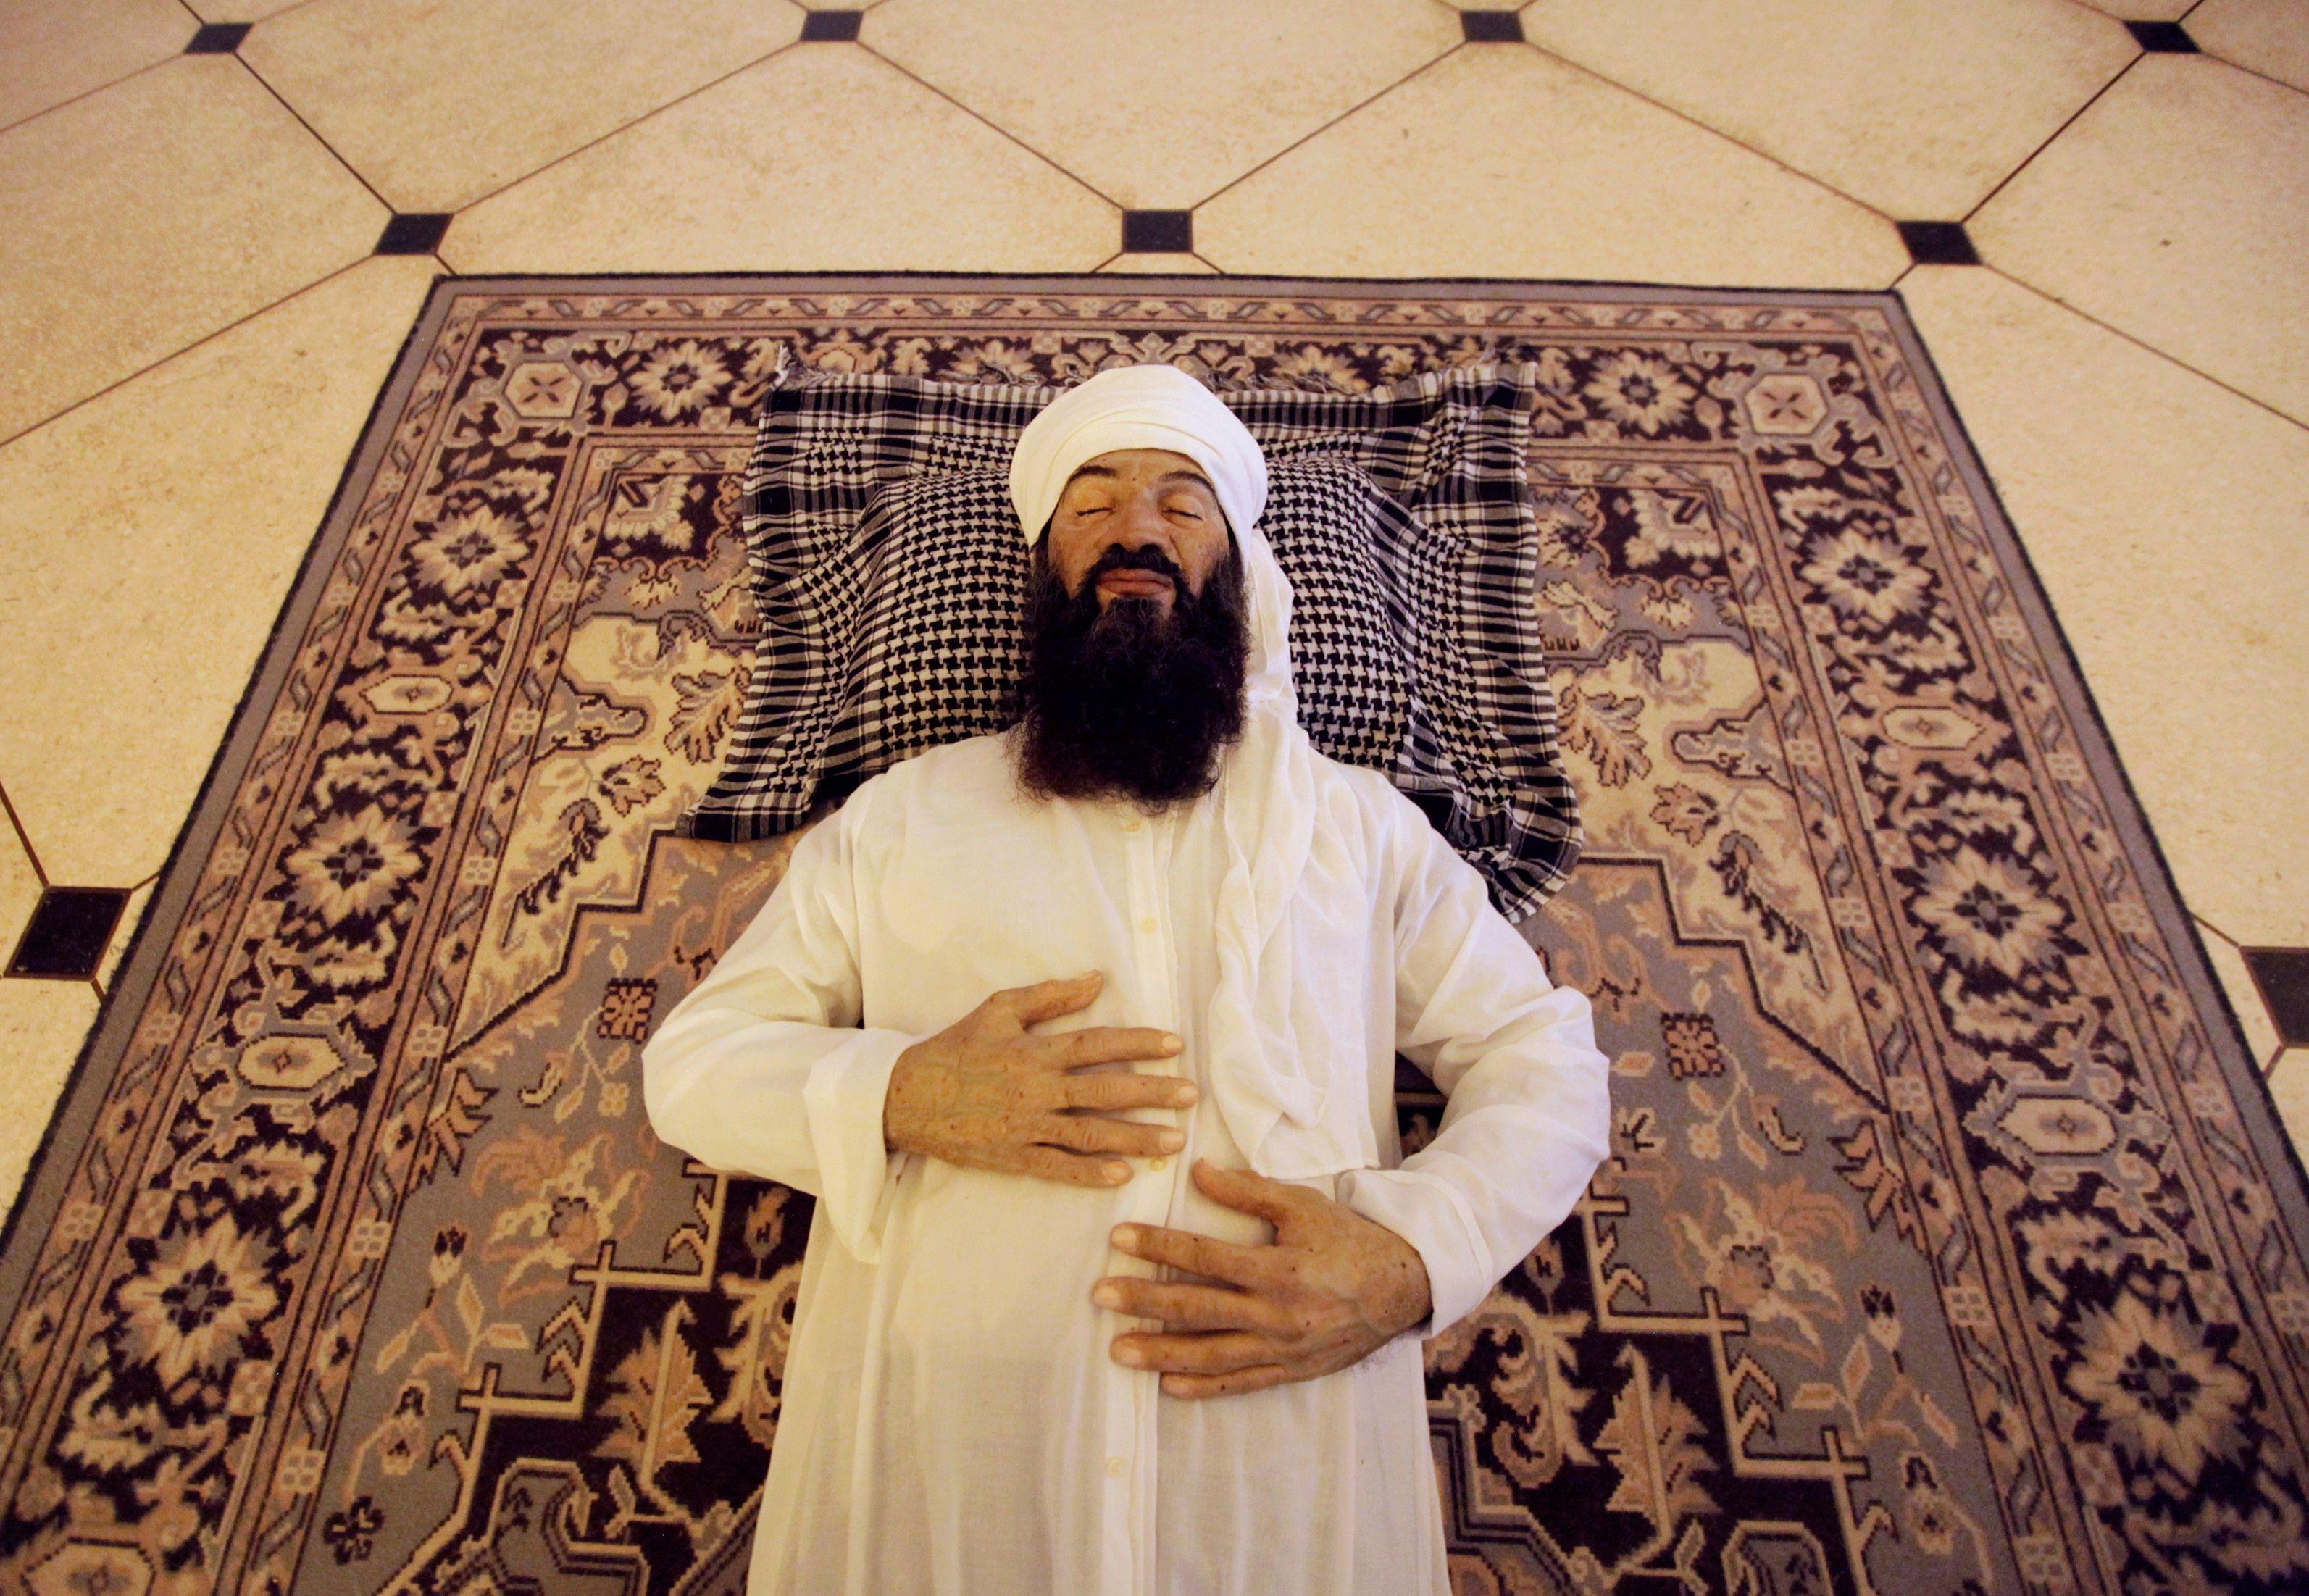 Une sculpture de Oussama Ben Laden mort créée par les artistes cubains Manolo Castro, Julio Lorente et Alberto Lorente.